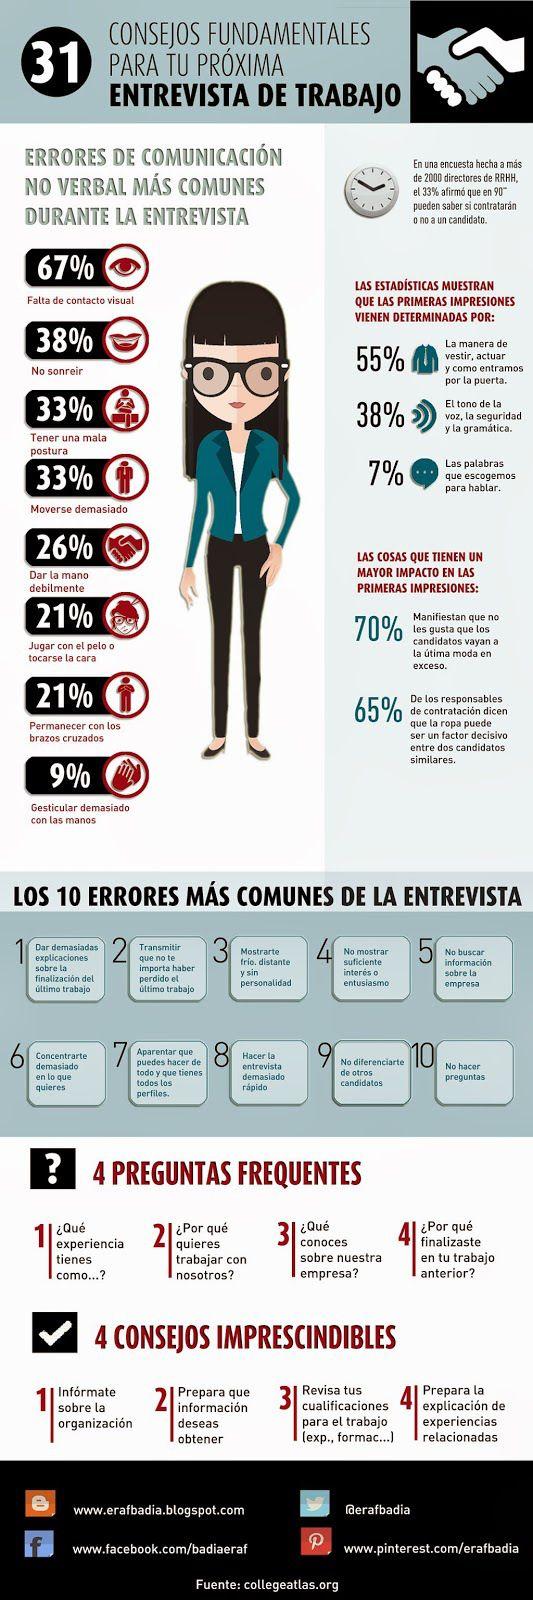 31 consejos fundamentales para una entrevista de trabajo #infografia #infographic #empleo